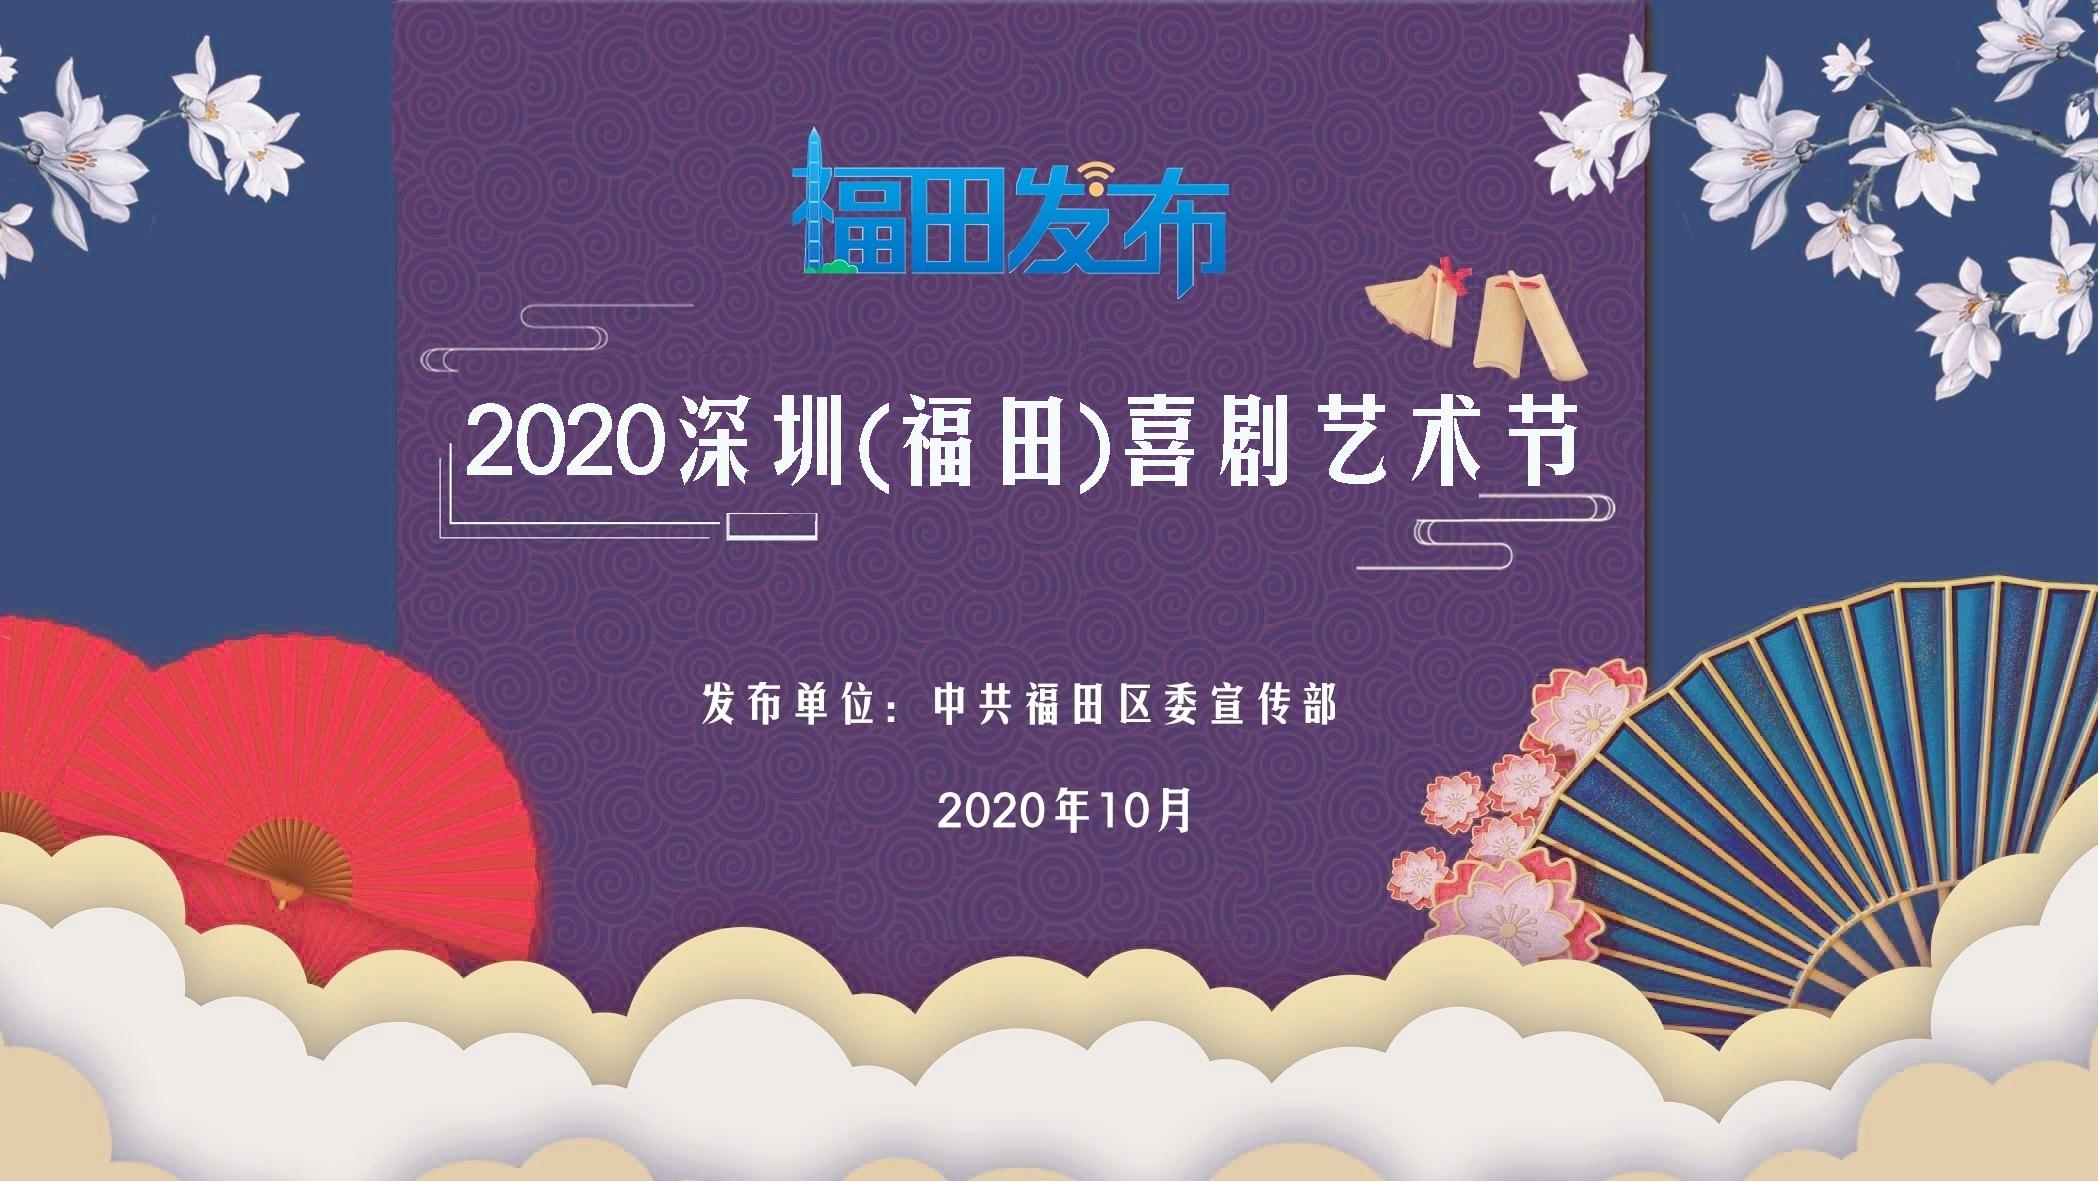 《福田发布》 | 2020深圳(福田)喜剧艺术节暨第二届非遗相声大会